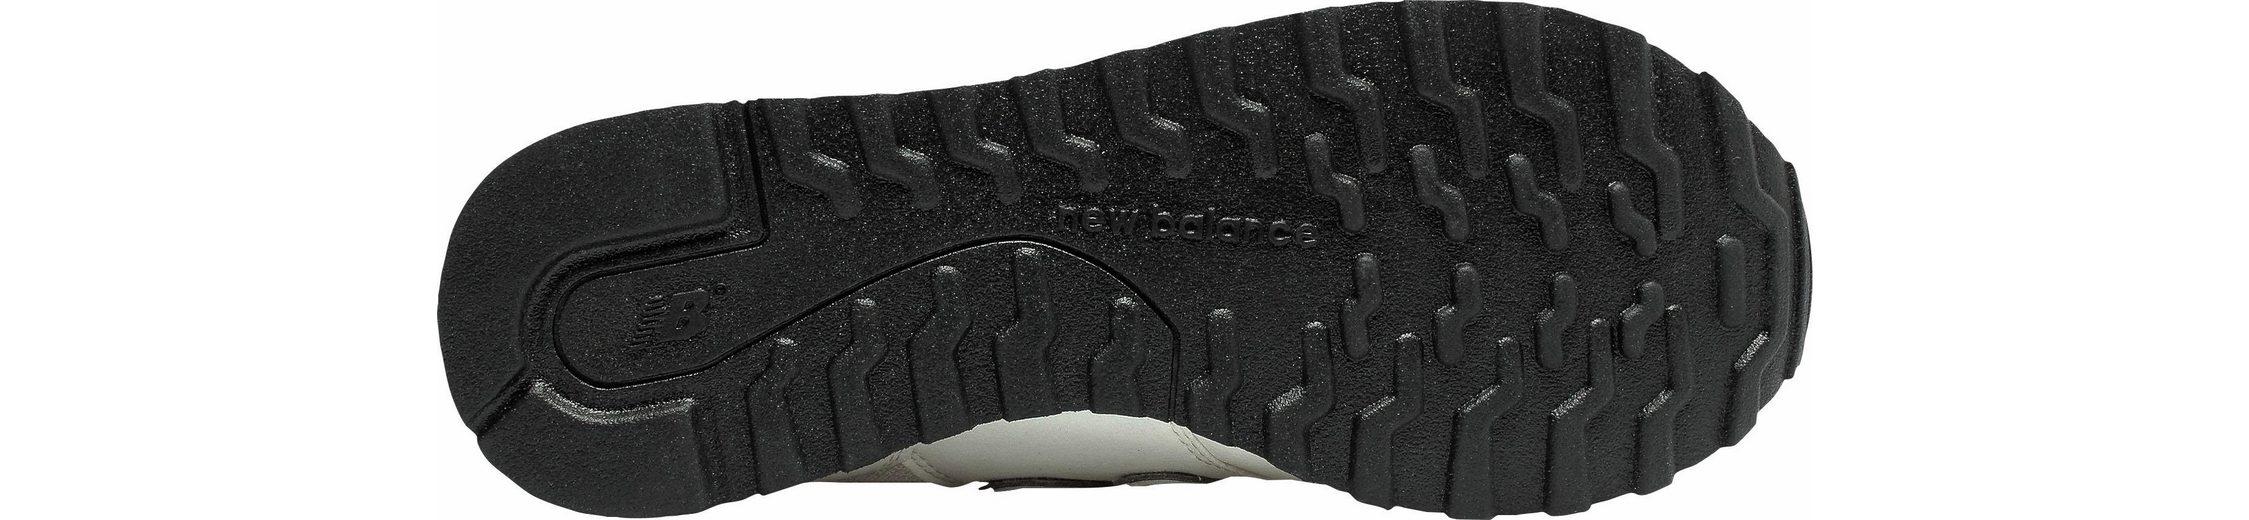 New Balance GW500 Sneaker Sat Billig Verkauf Beste Preise Verkauf Versorgung nKK9w9